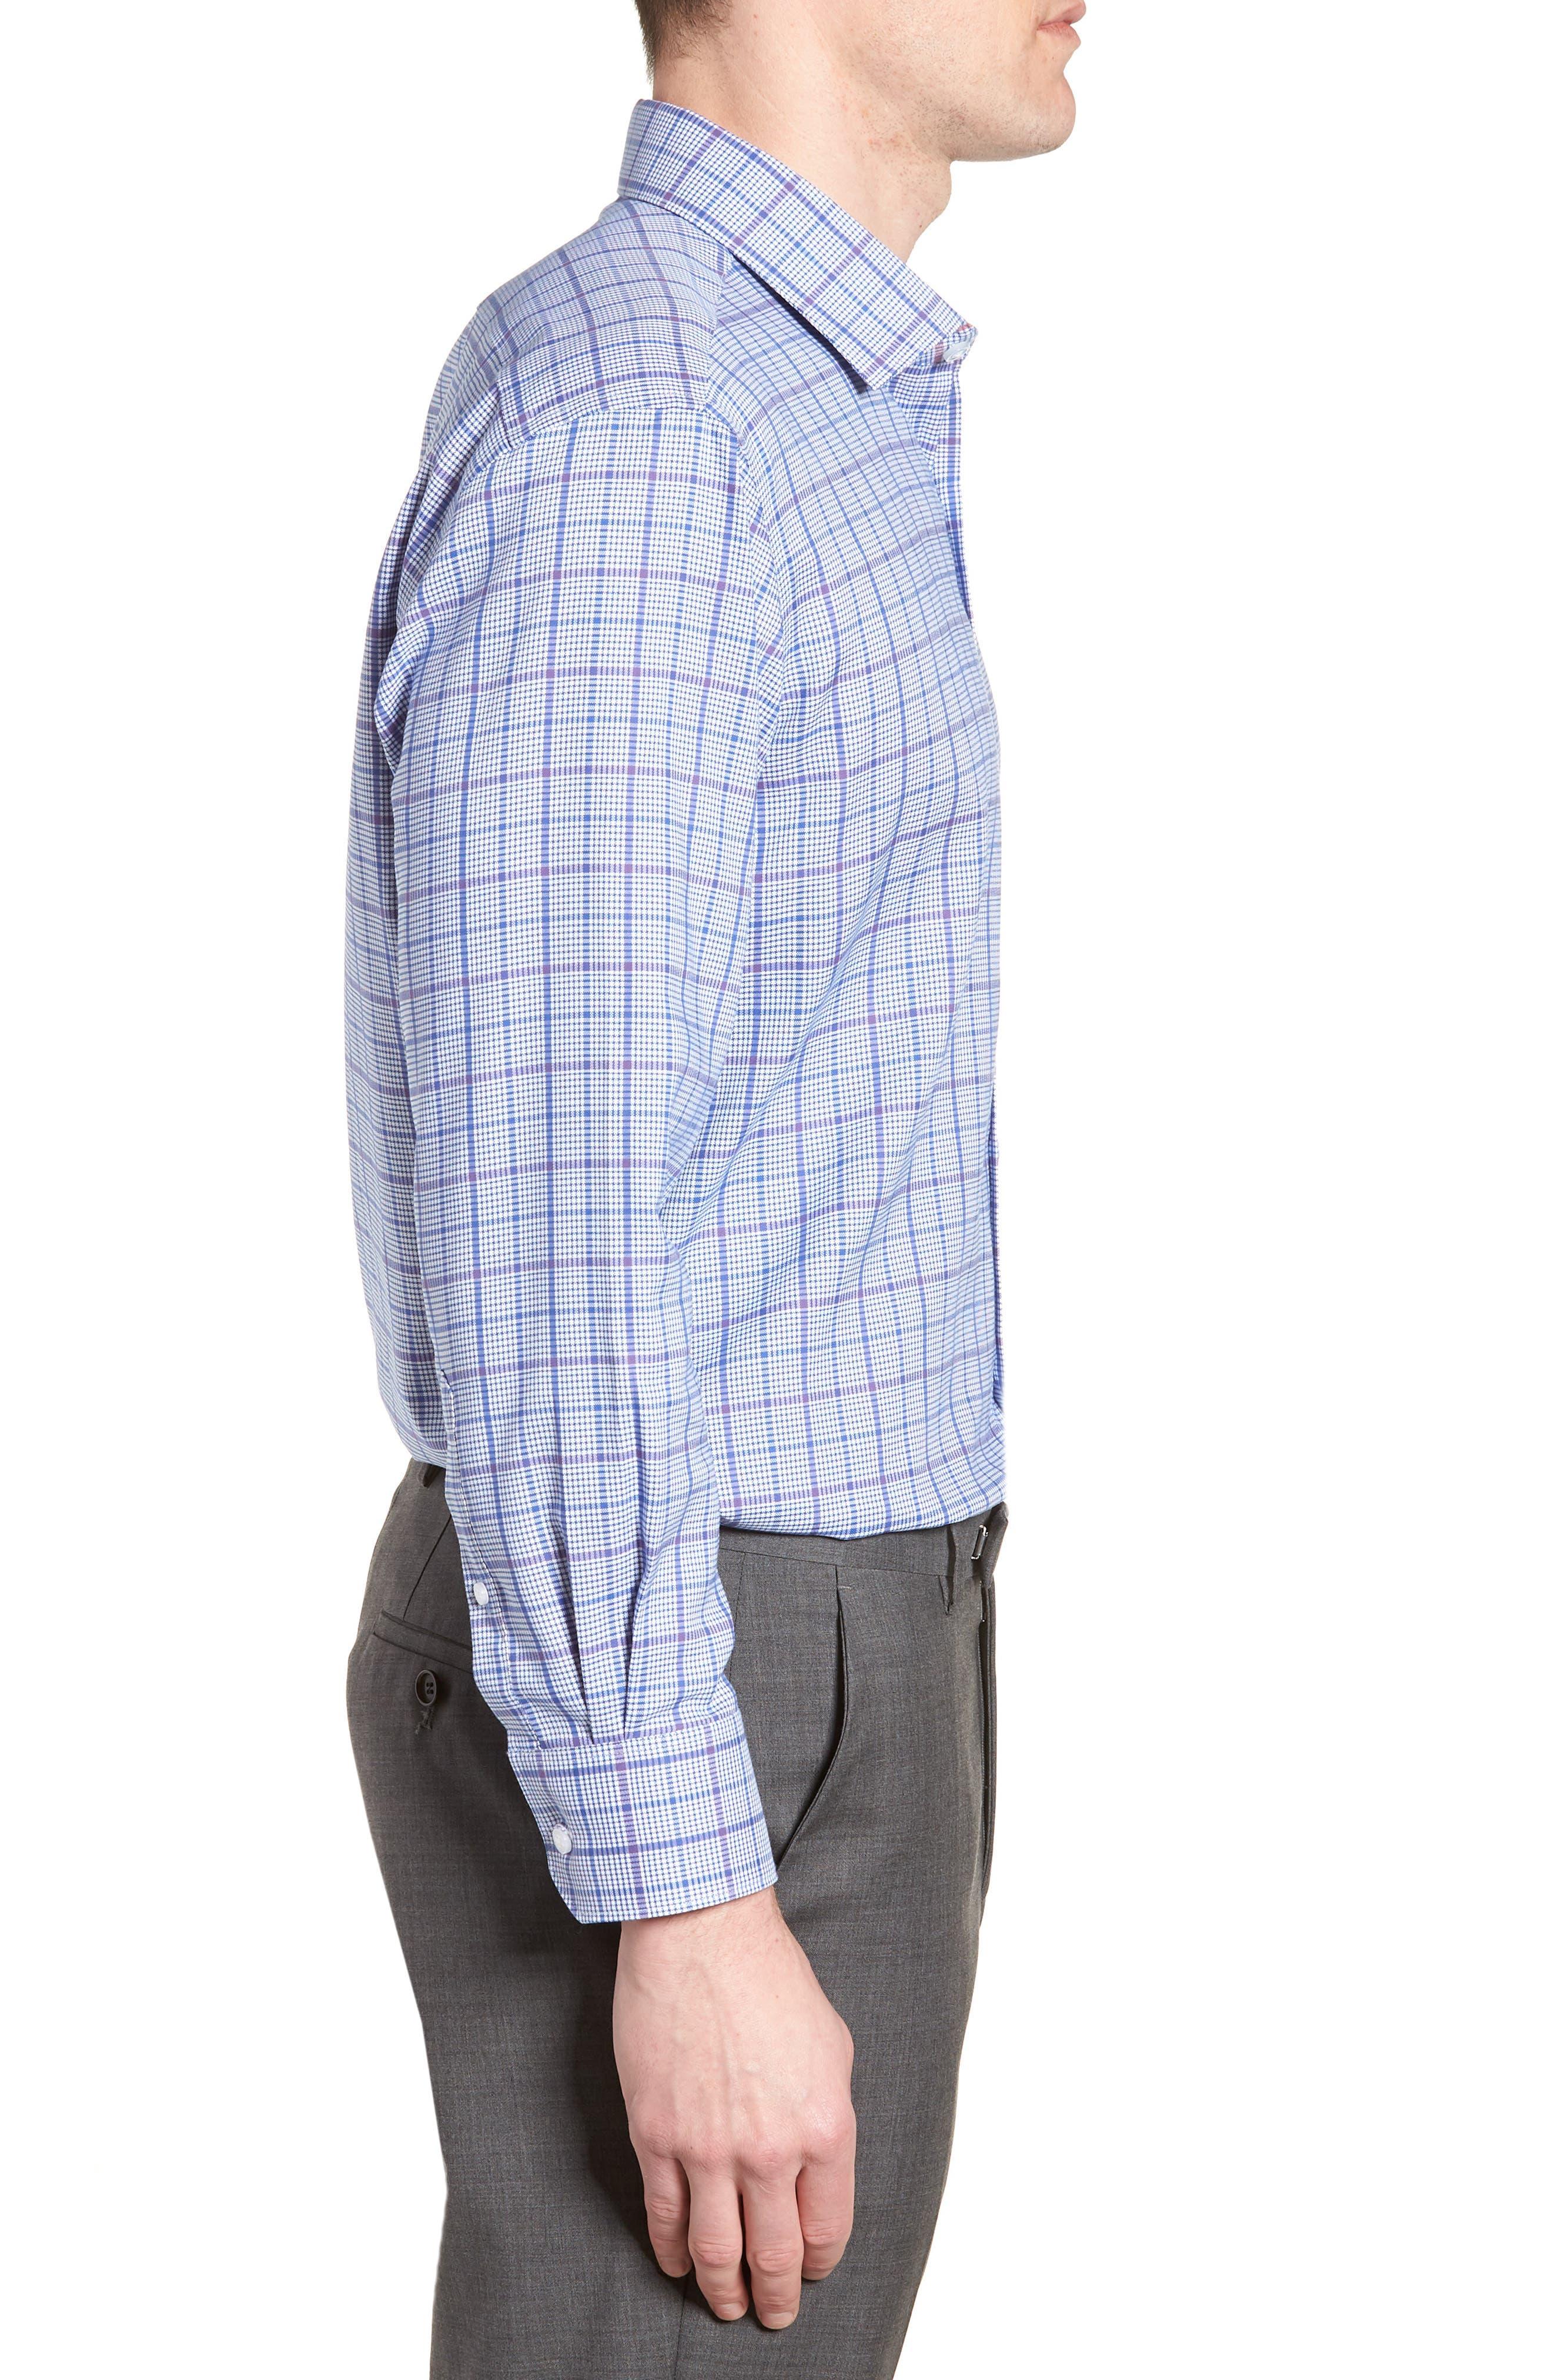 Kaden Trim Fit Plaid Dress Shirt,                             Alternate thumbnail 4, color,                             430